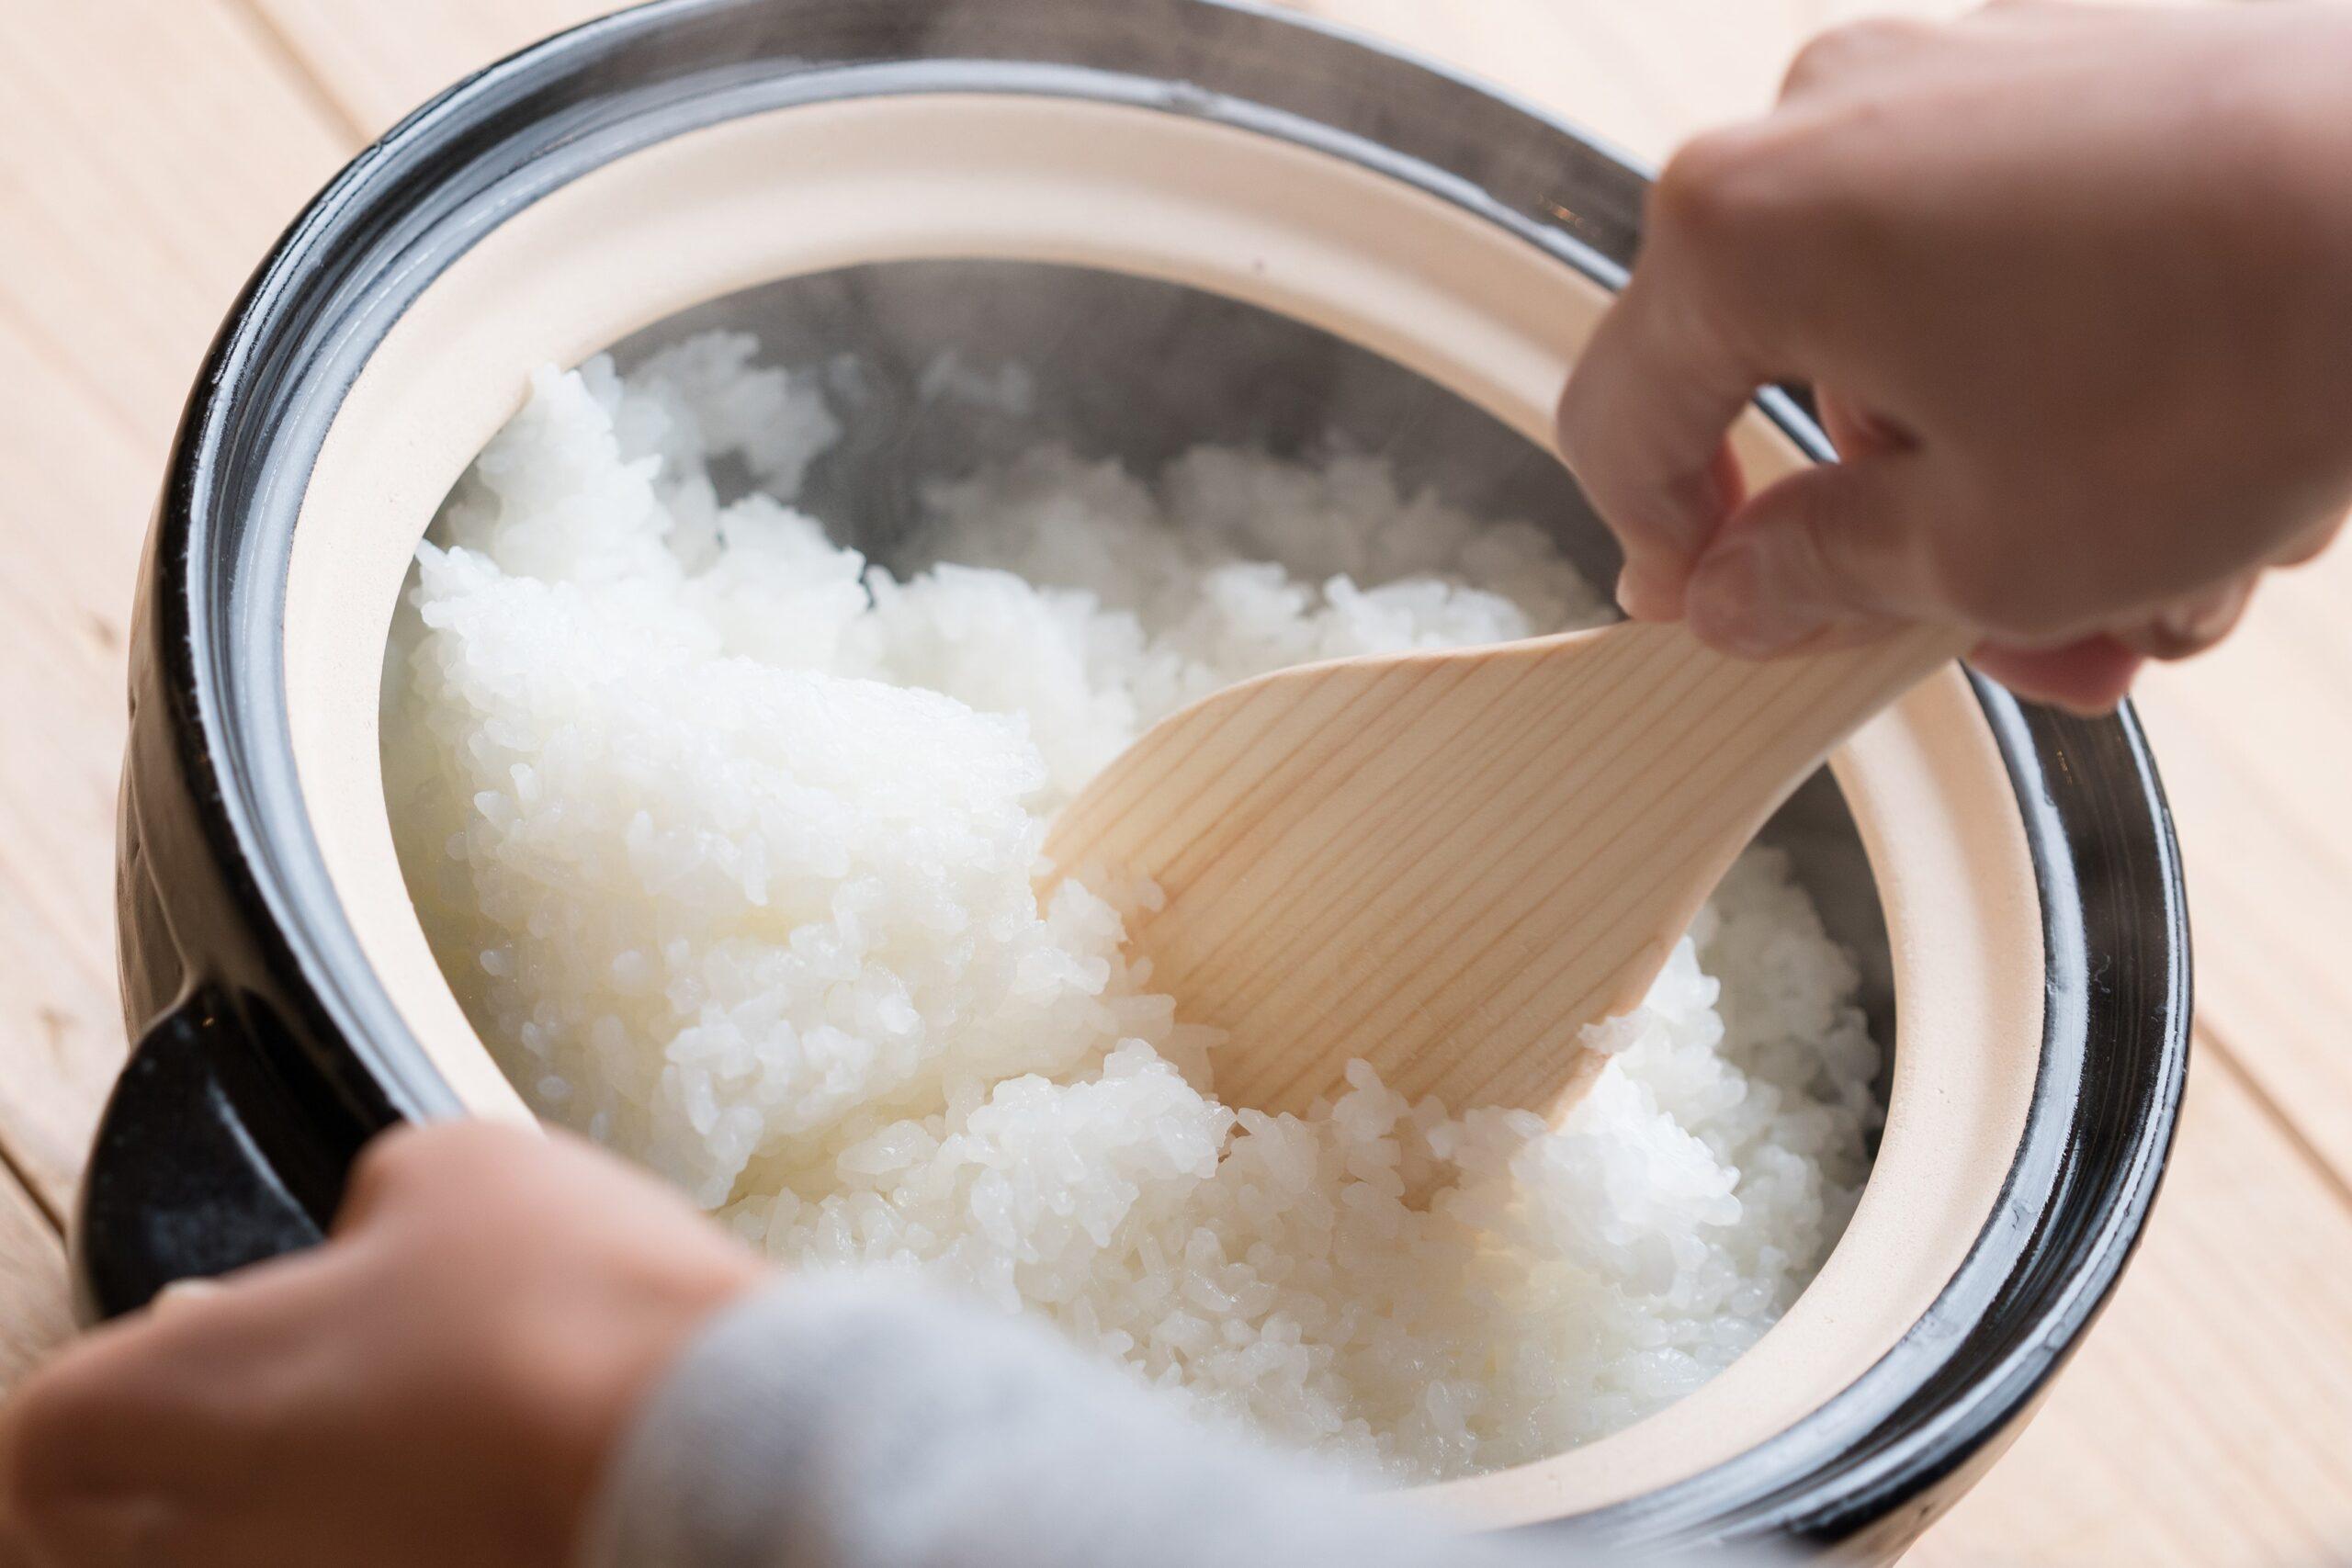 炊き上がったご飯の保存のポイント